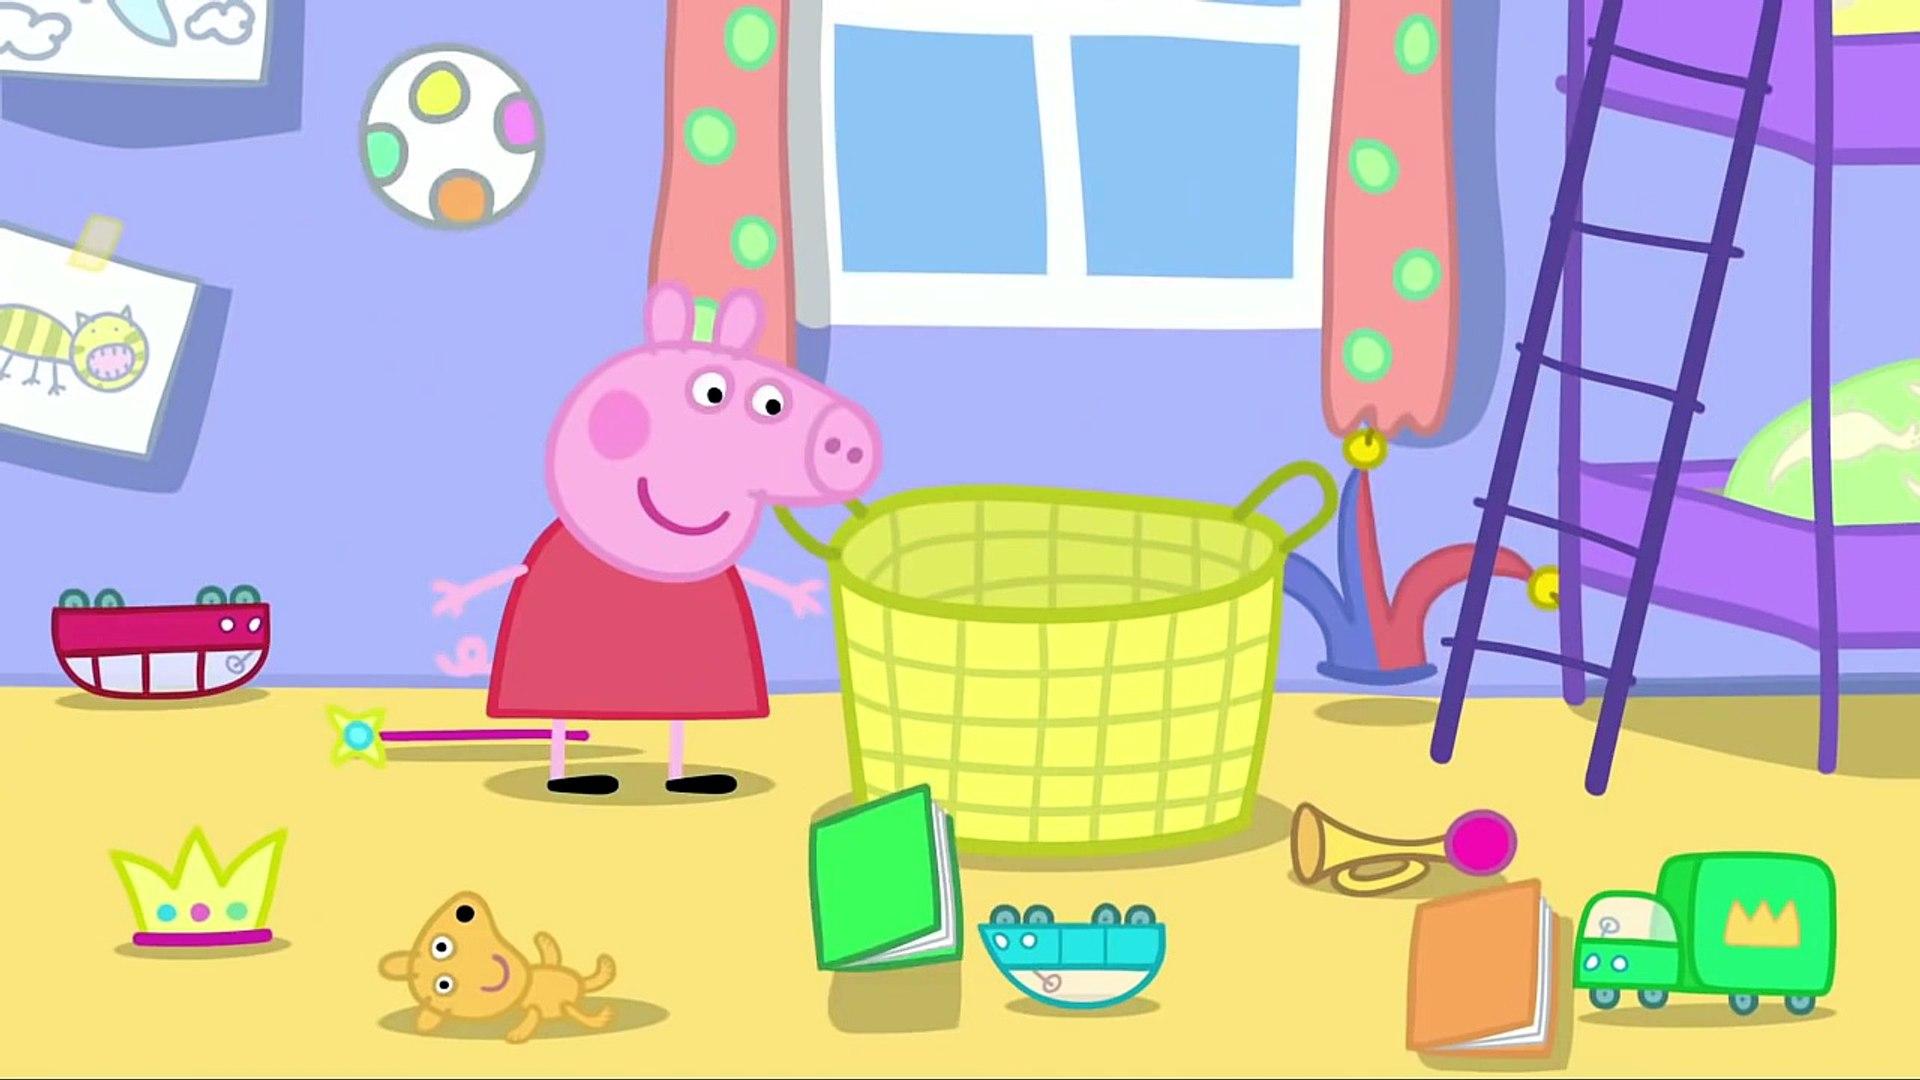 Свинка Пеппа серия 5 Игра в прятки Играем в прятки на русском без титров на весь экран от 1акм